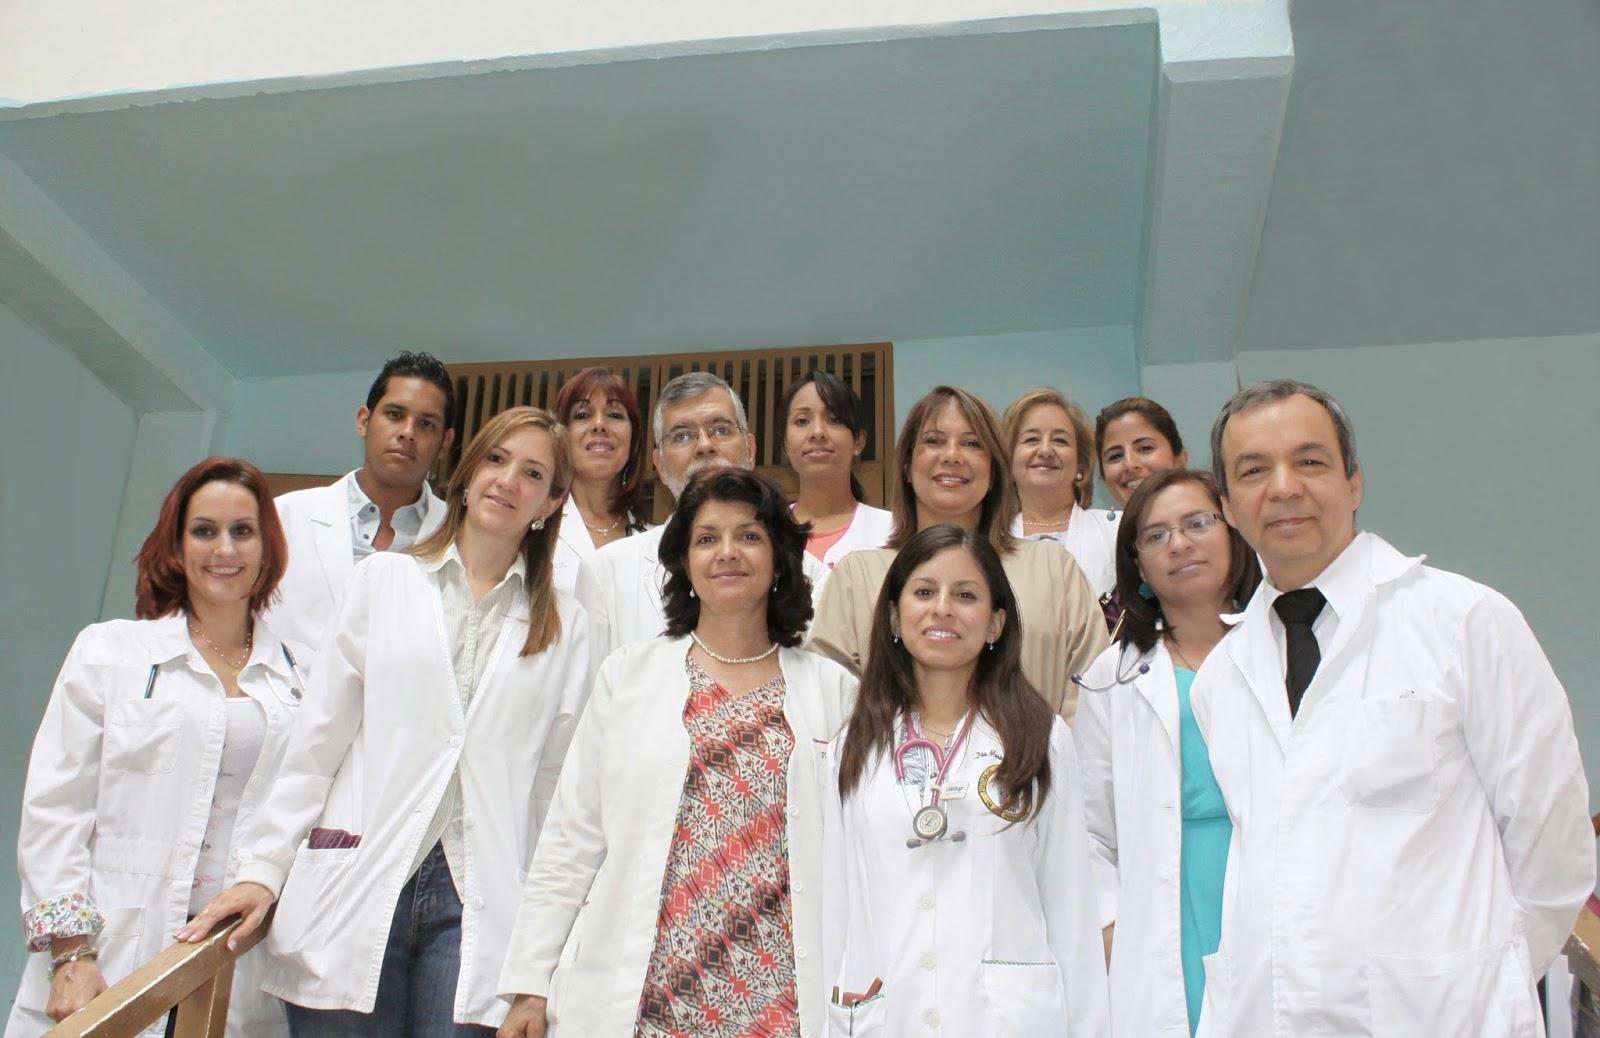 Unidad de Trasplante de Médula Ósea: El arte de transfundir vida ...